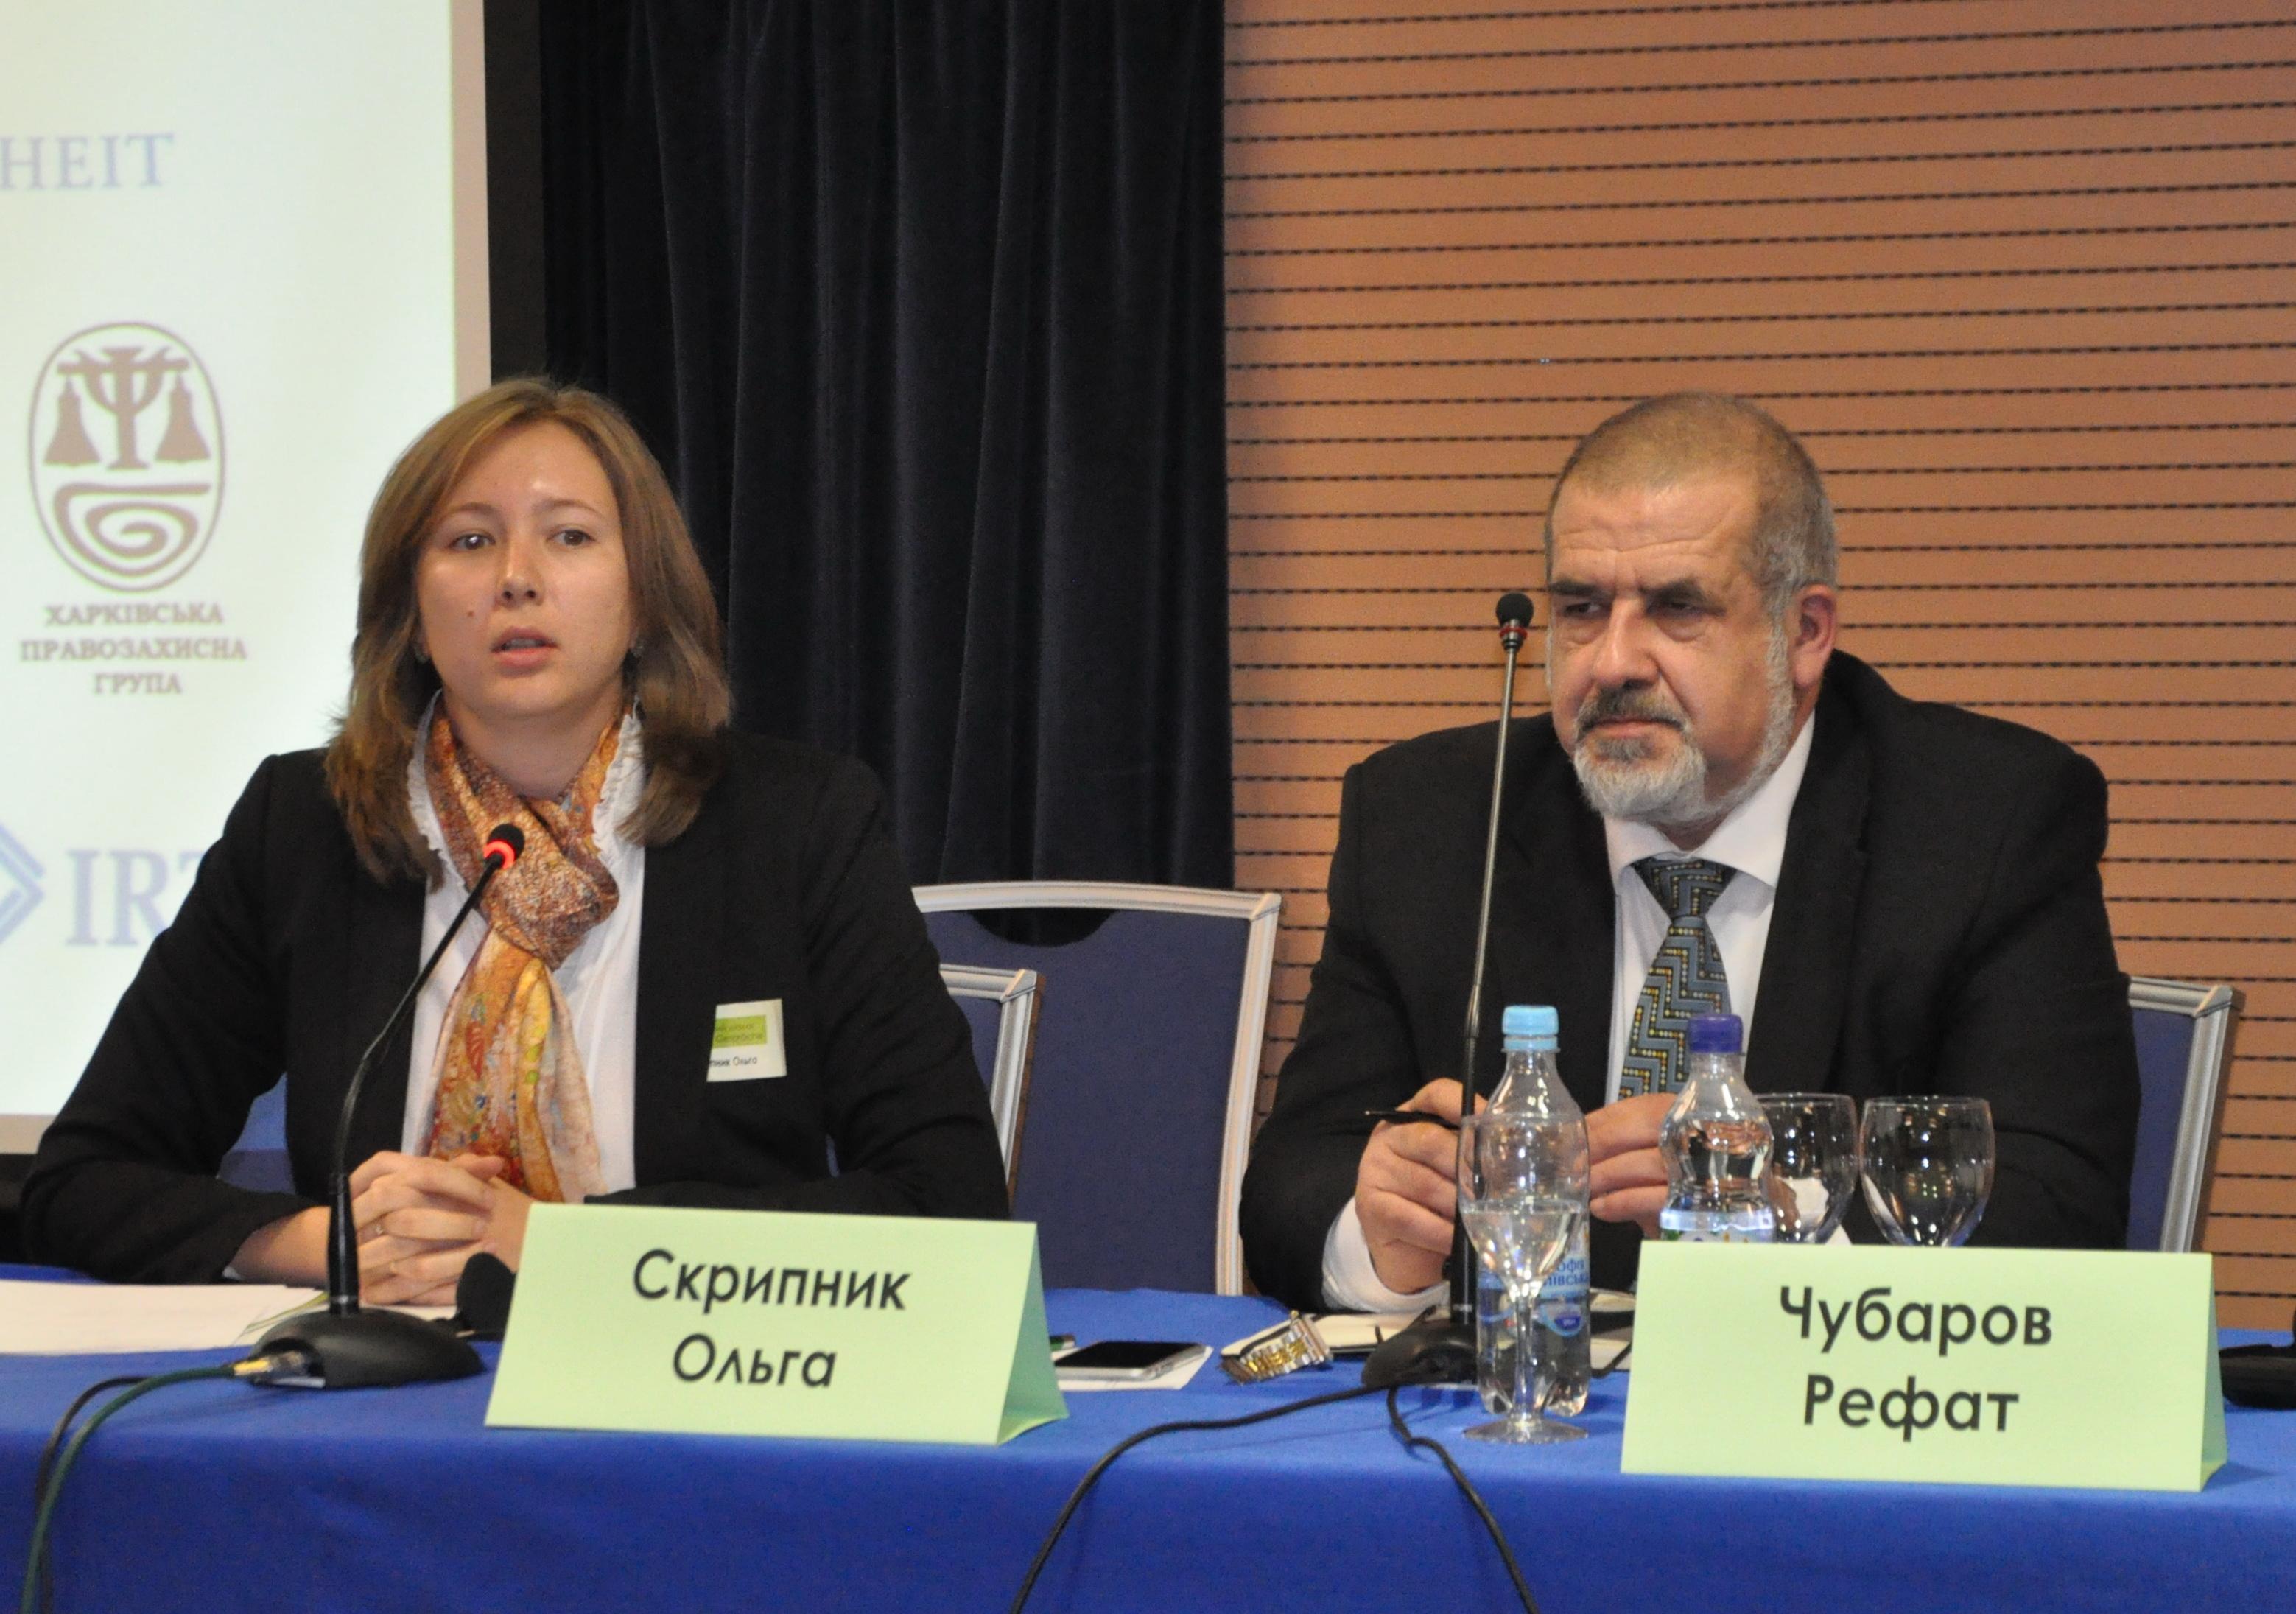 Действия по защите крымчан не должны быть противоправными — Ольга Скрипник